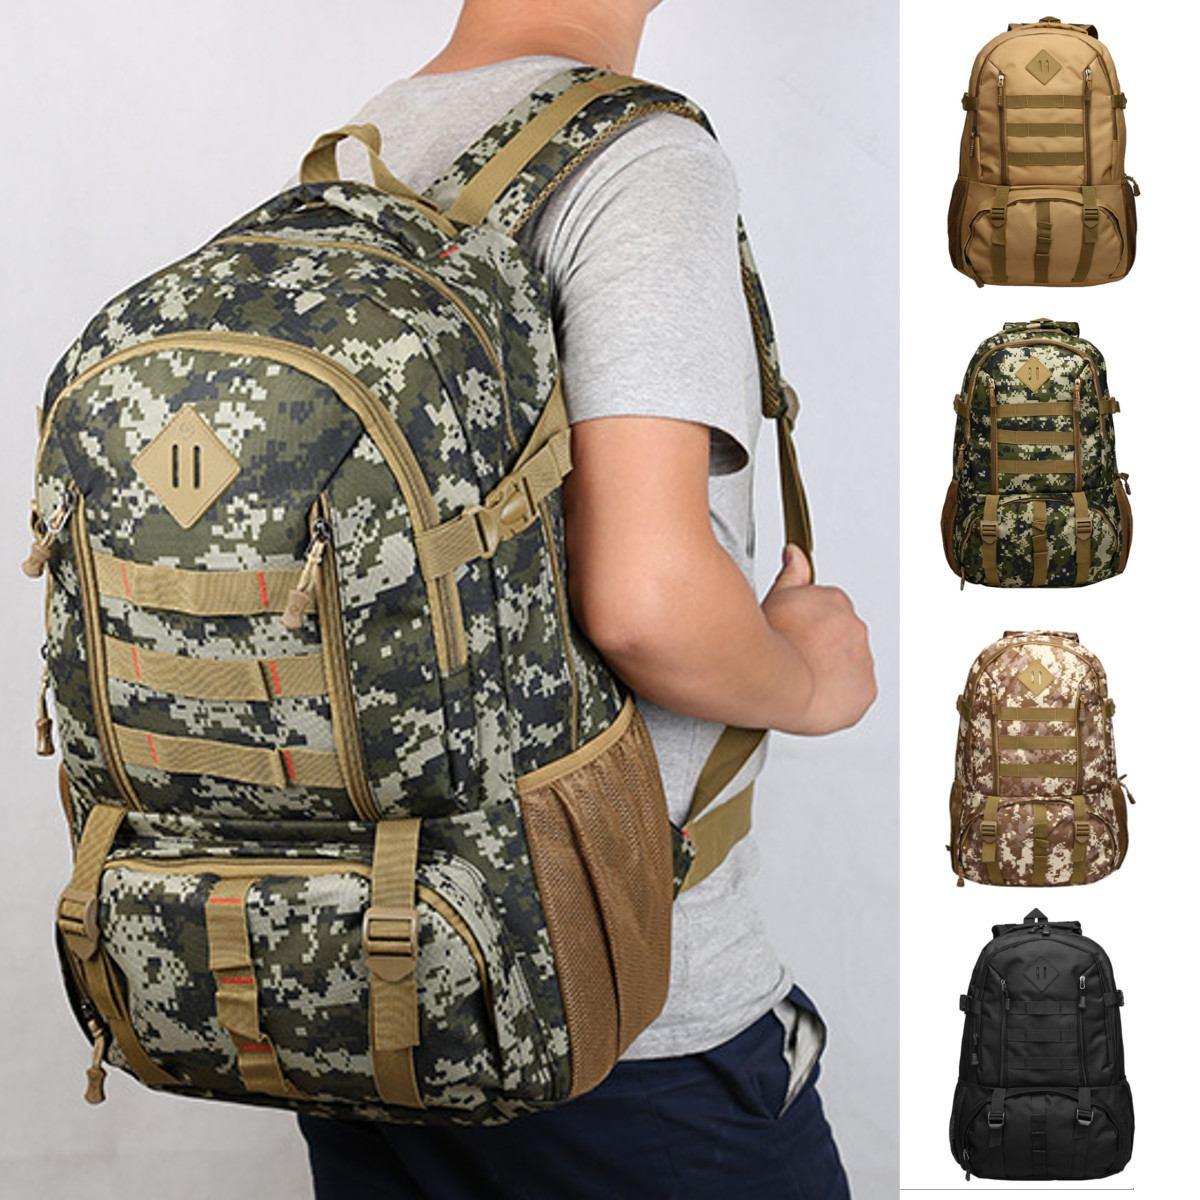 Grande 50l náilon saco de escalada militar ao ar livre molle esporte caminhadas acampamento ombro mochila viagem montanhismo